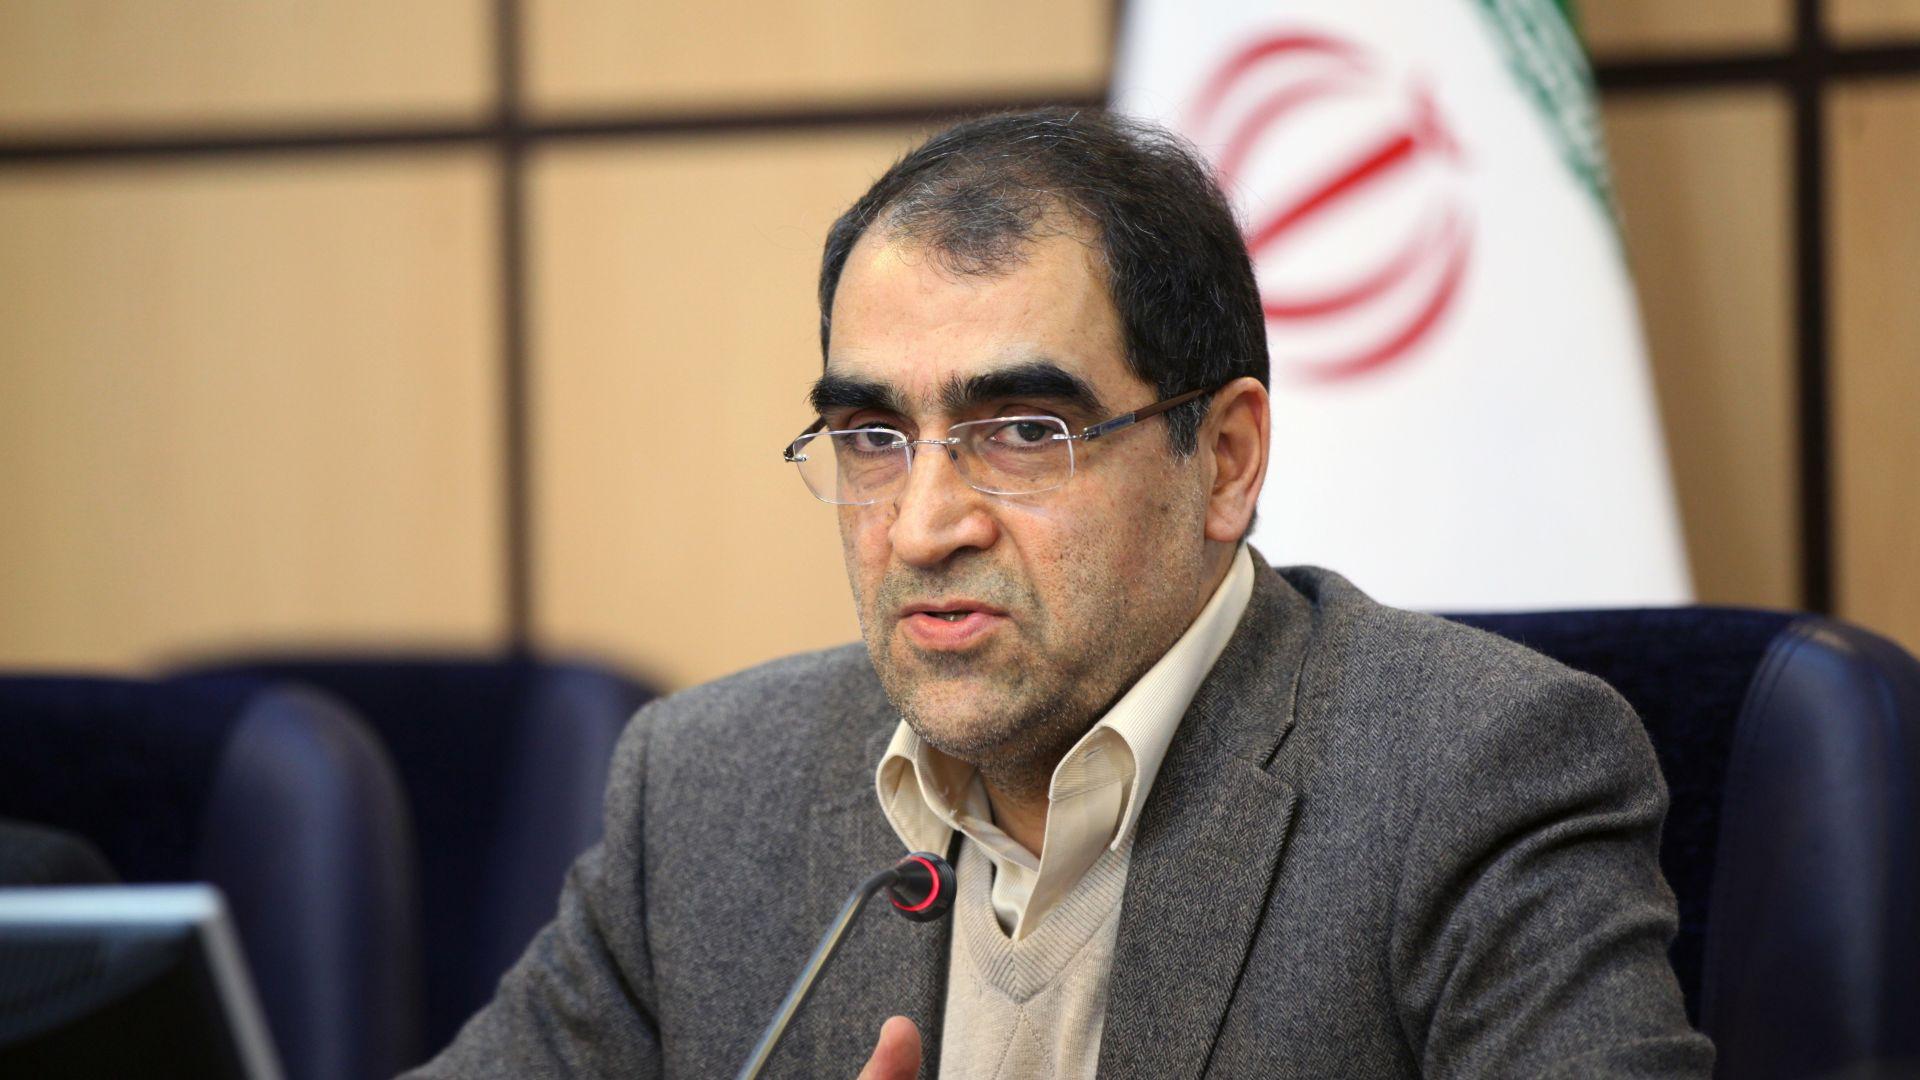 وزیر بهداشت:روند خدماترسانی به مردم در دولت دوازدهم شتاب خواهد گرفت